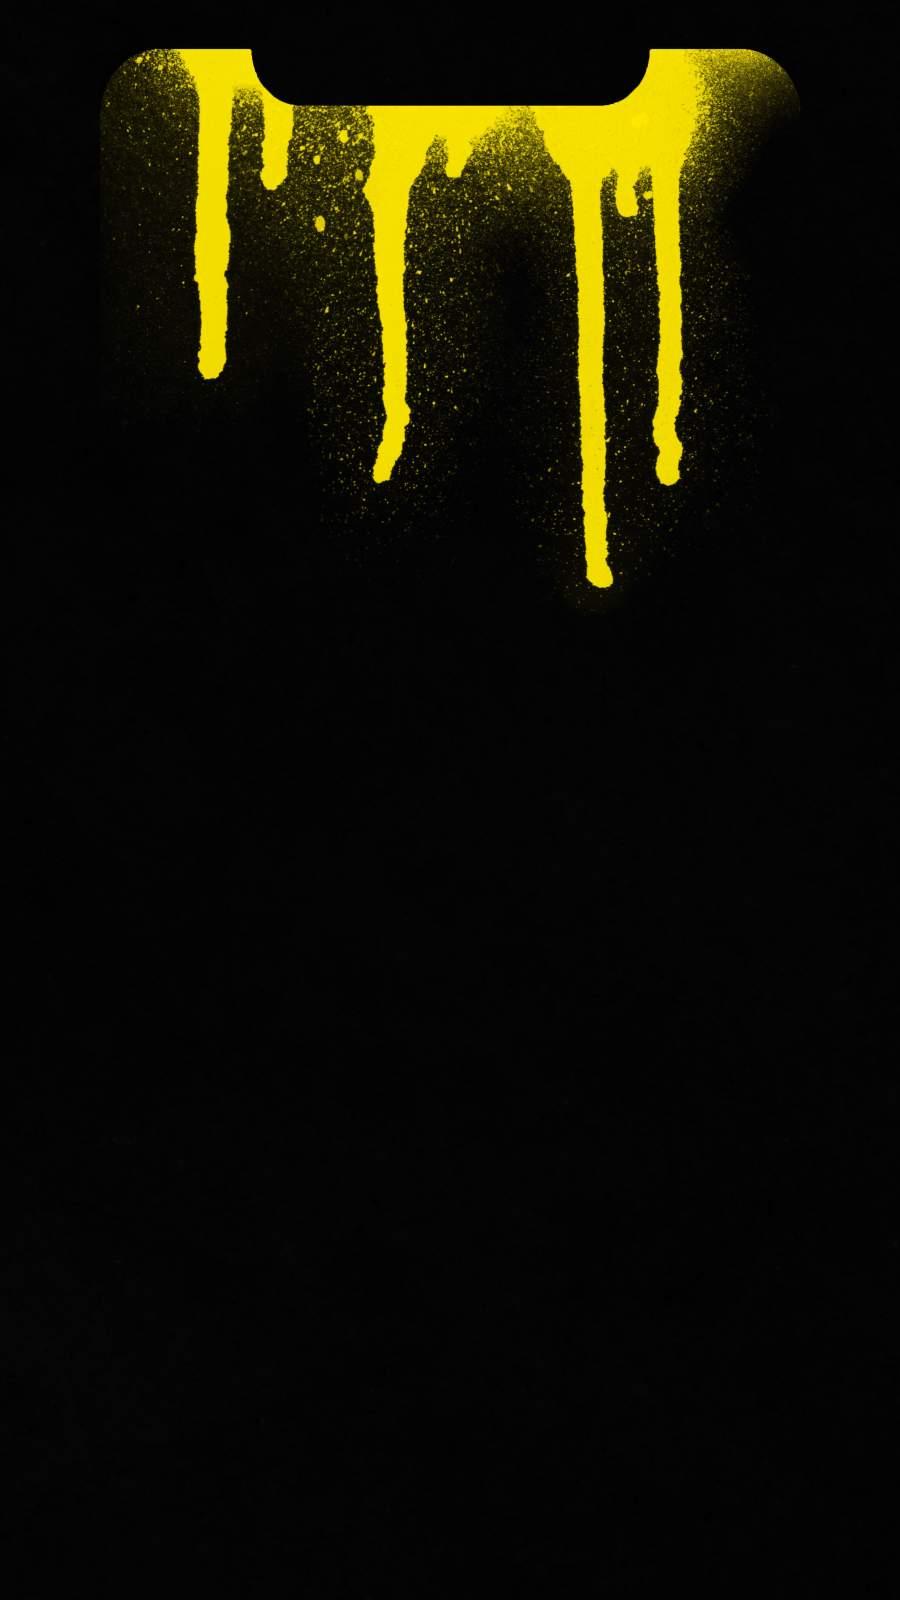 iPhone 12 Splash Wallpaper